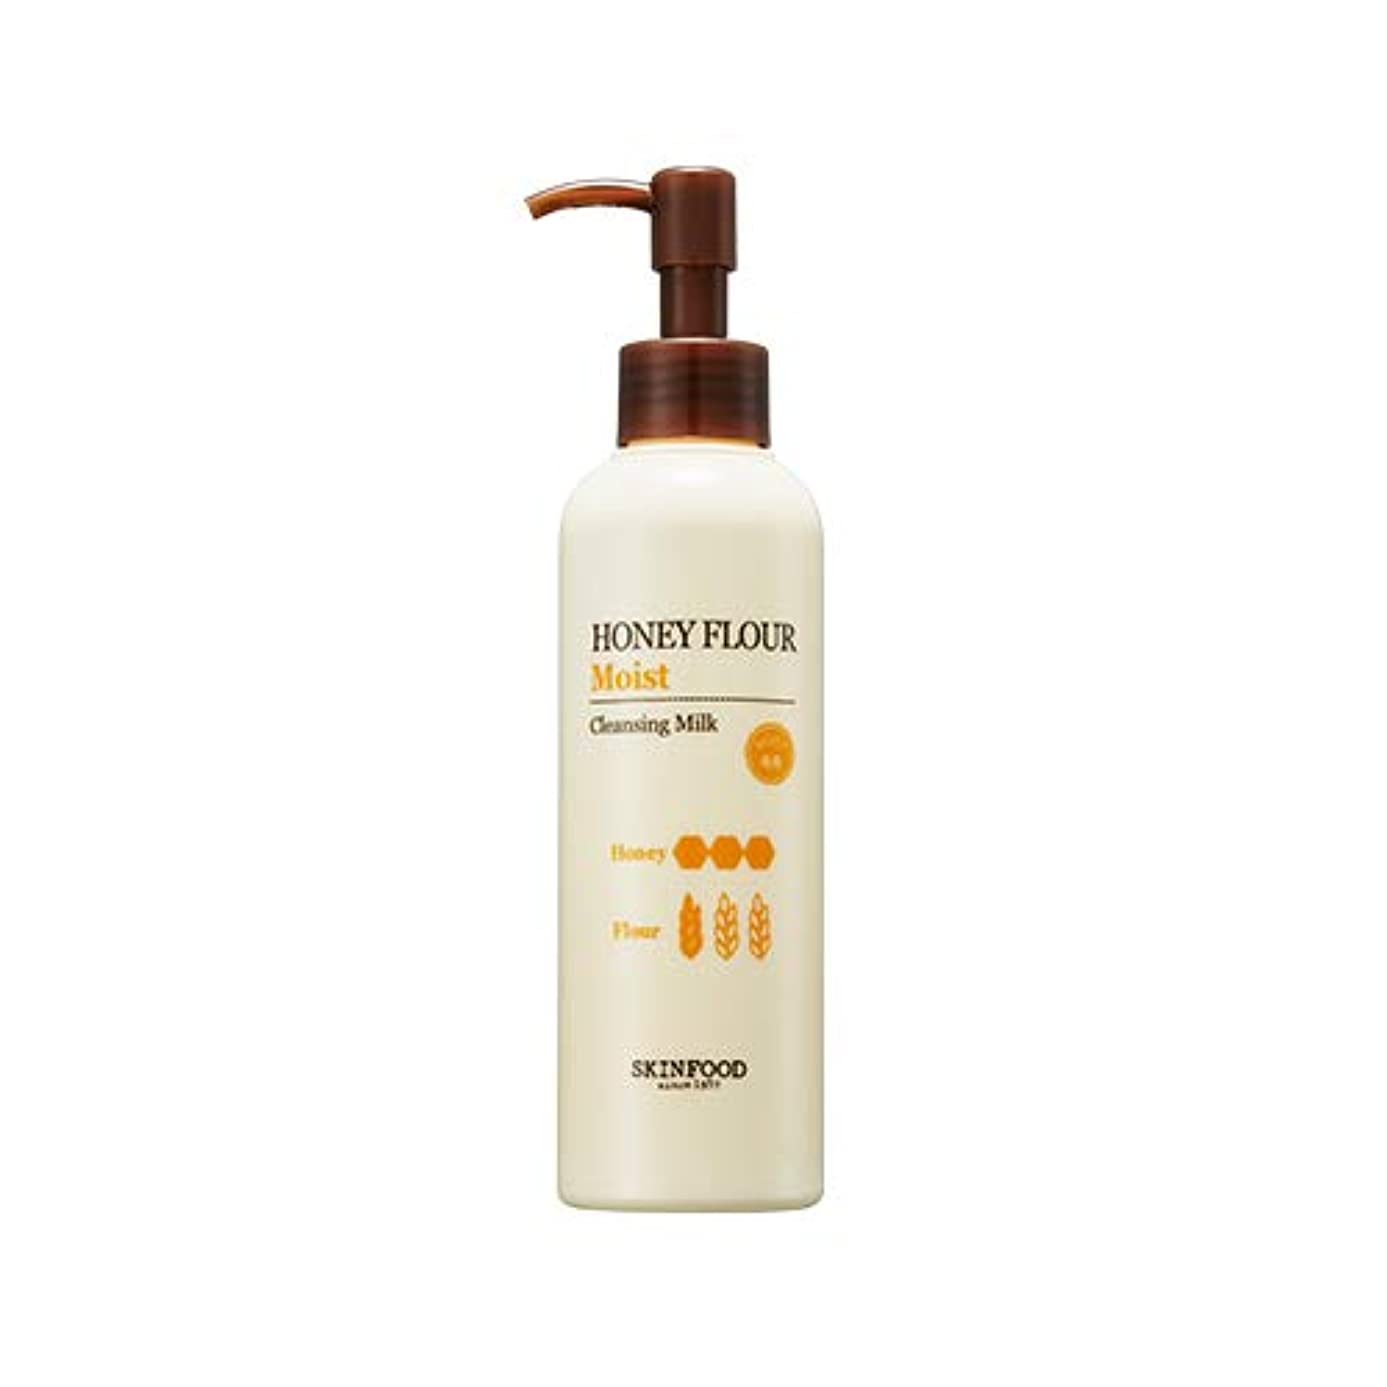 メータークッション切手Skinfood/Honey Flour Moist Cleansing Milk/ハニー小麦しっとりクレンジングミルク/200ml [並行輸入品]